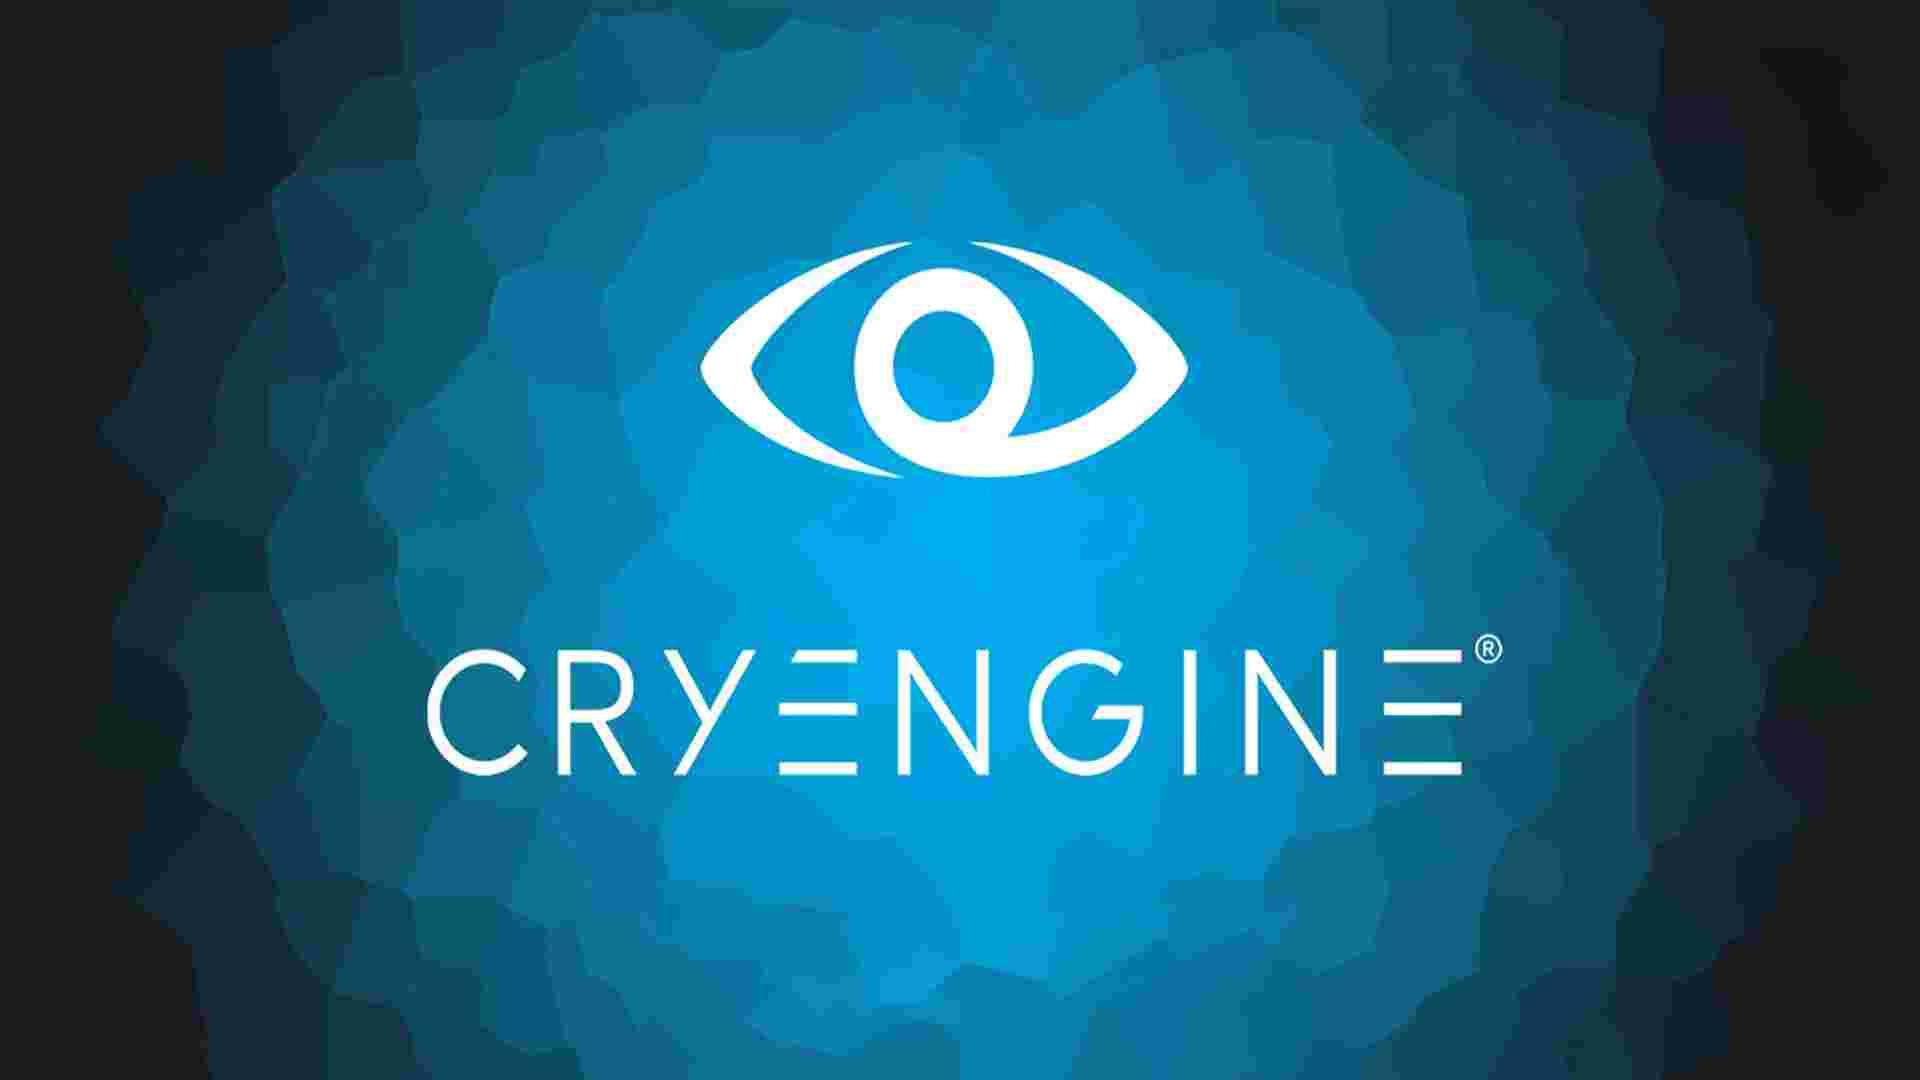 آموزش ساخت رابط کاربری کرآی انجین (آموزش CryEngine)